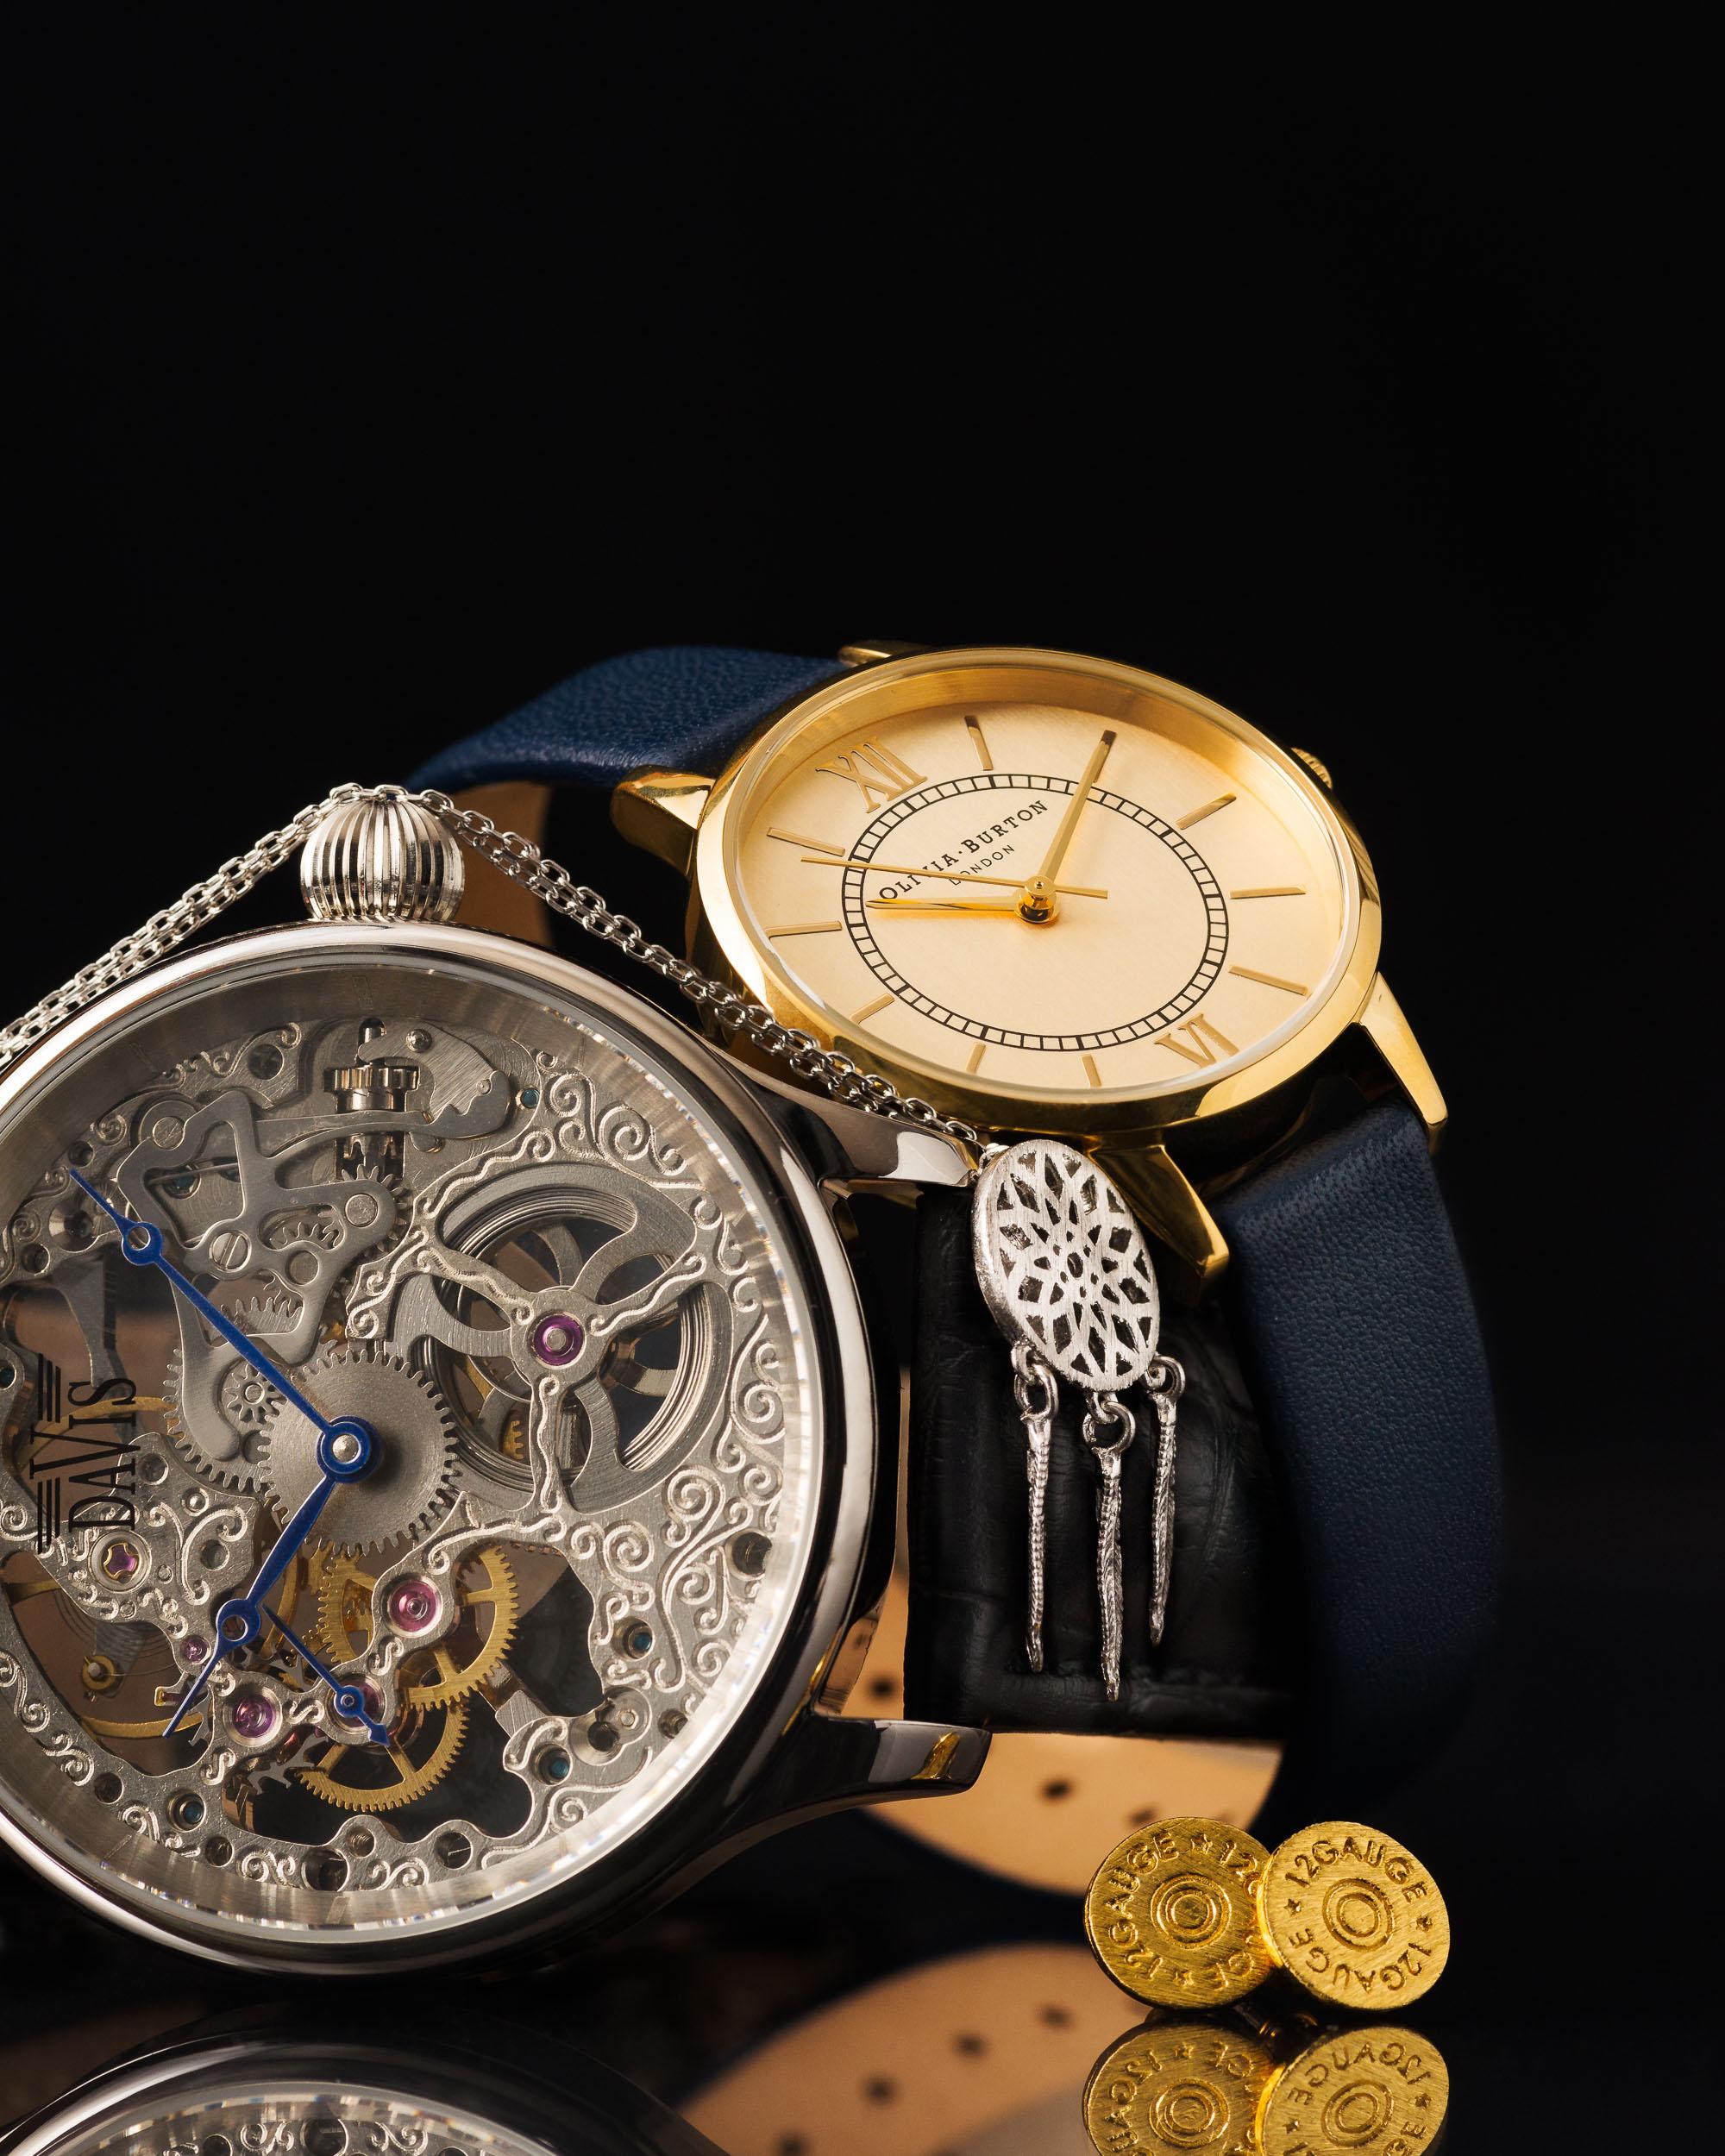 Smykker og klokker